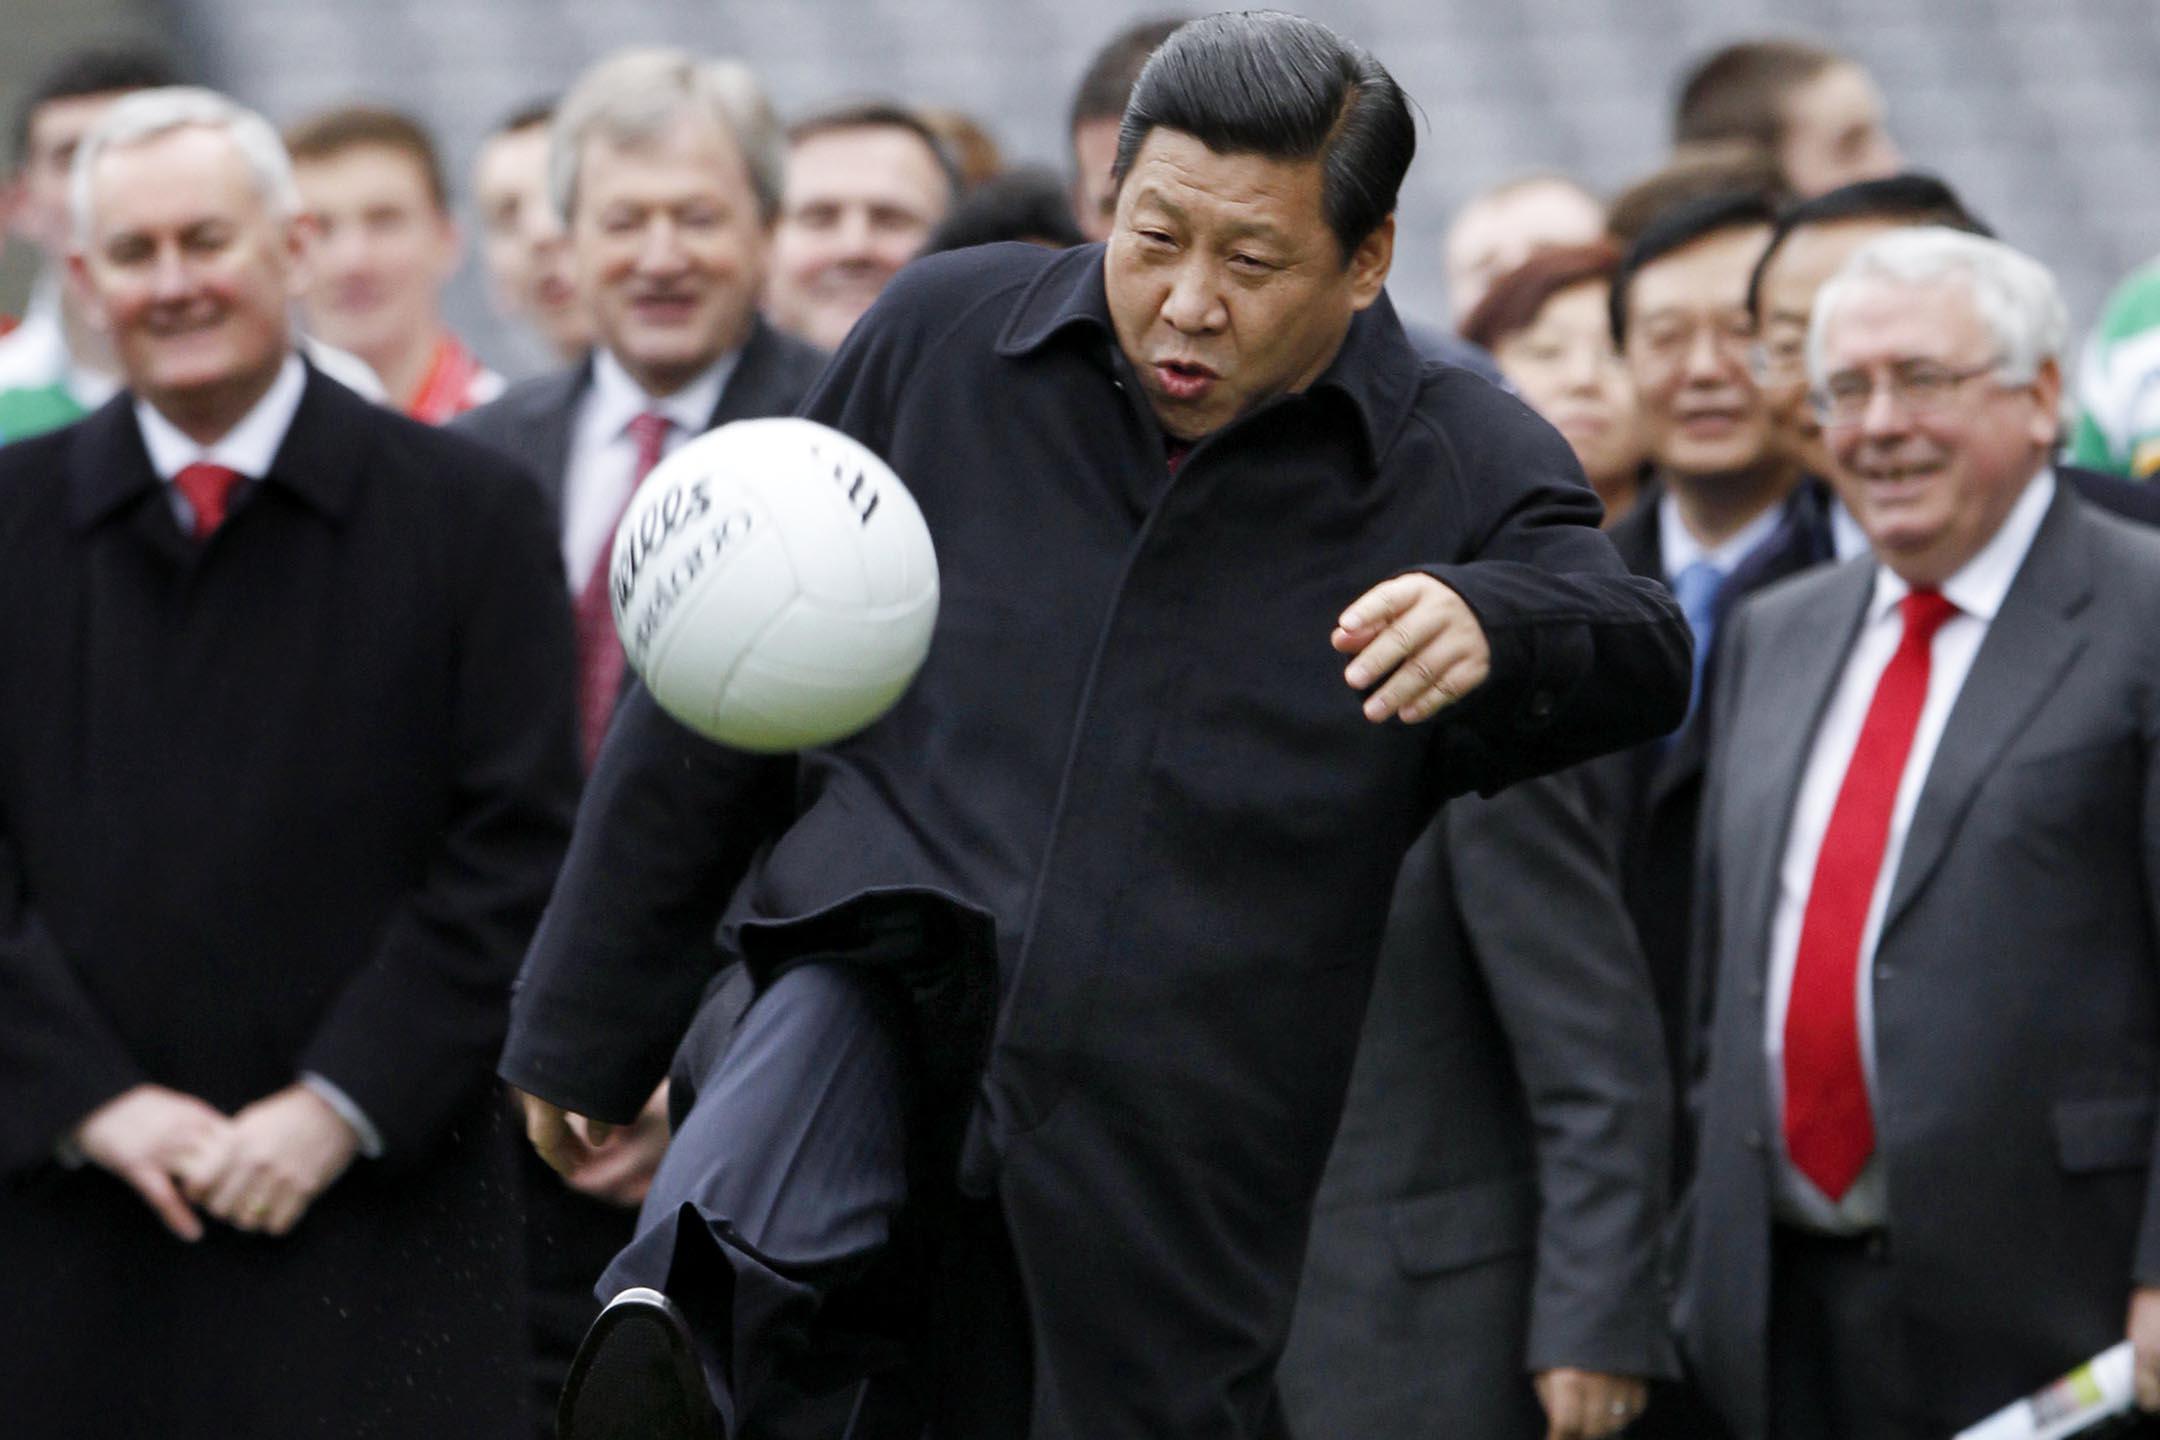 2012年2月19日,中國國家副主席習近平在訪問愛爾蘭克羅克公園期間踢足球。